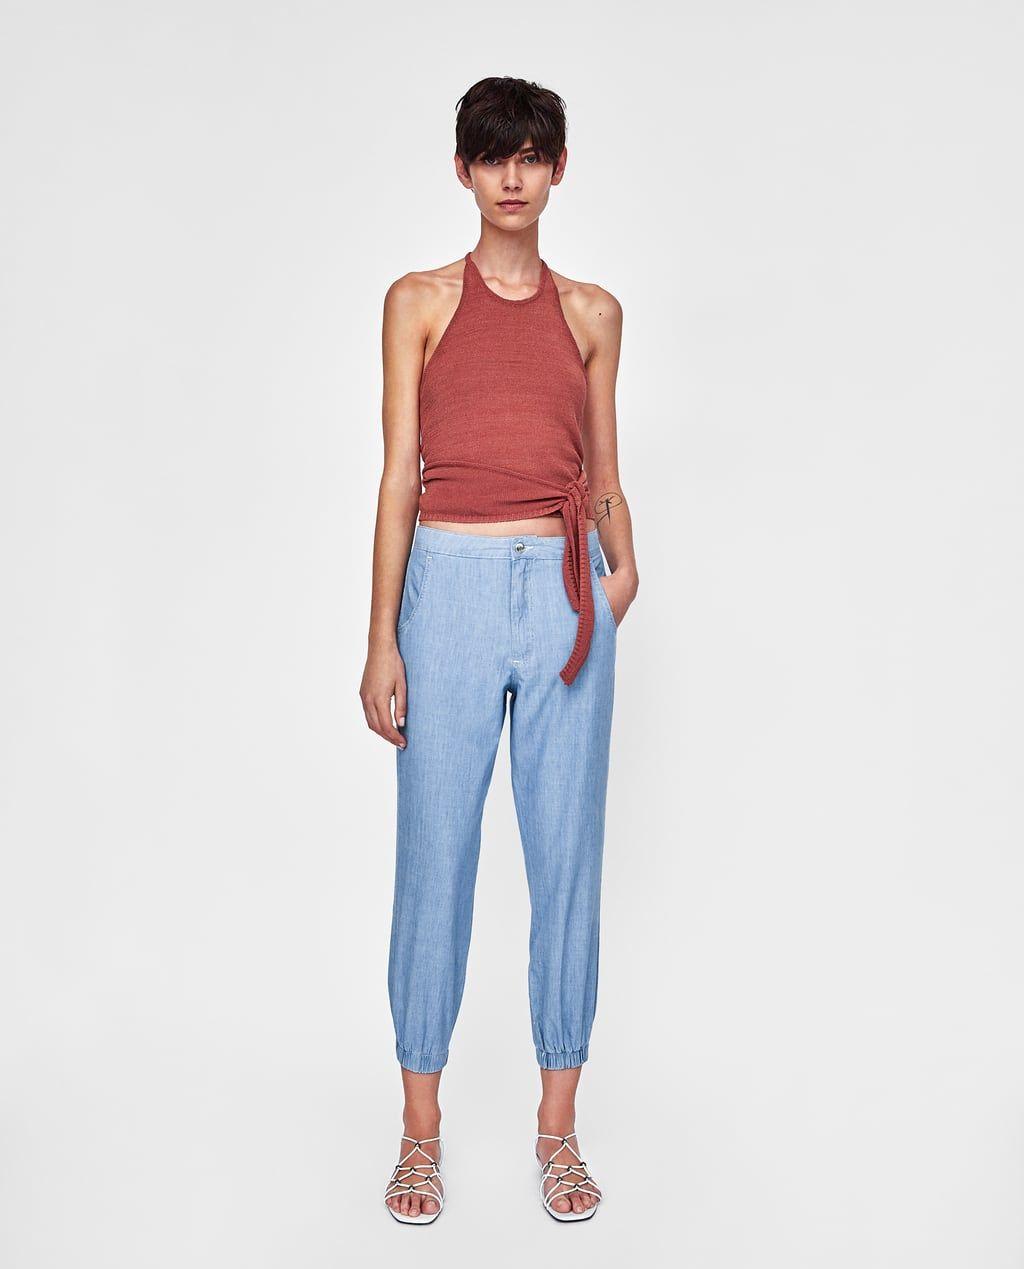 pantalon elastique femme zara